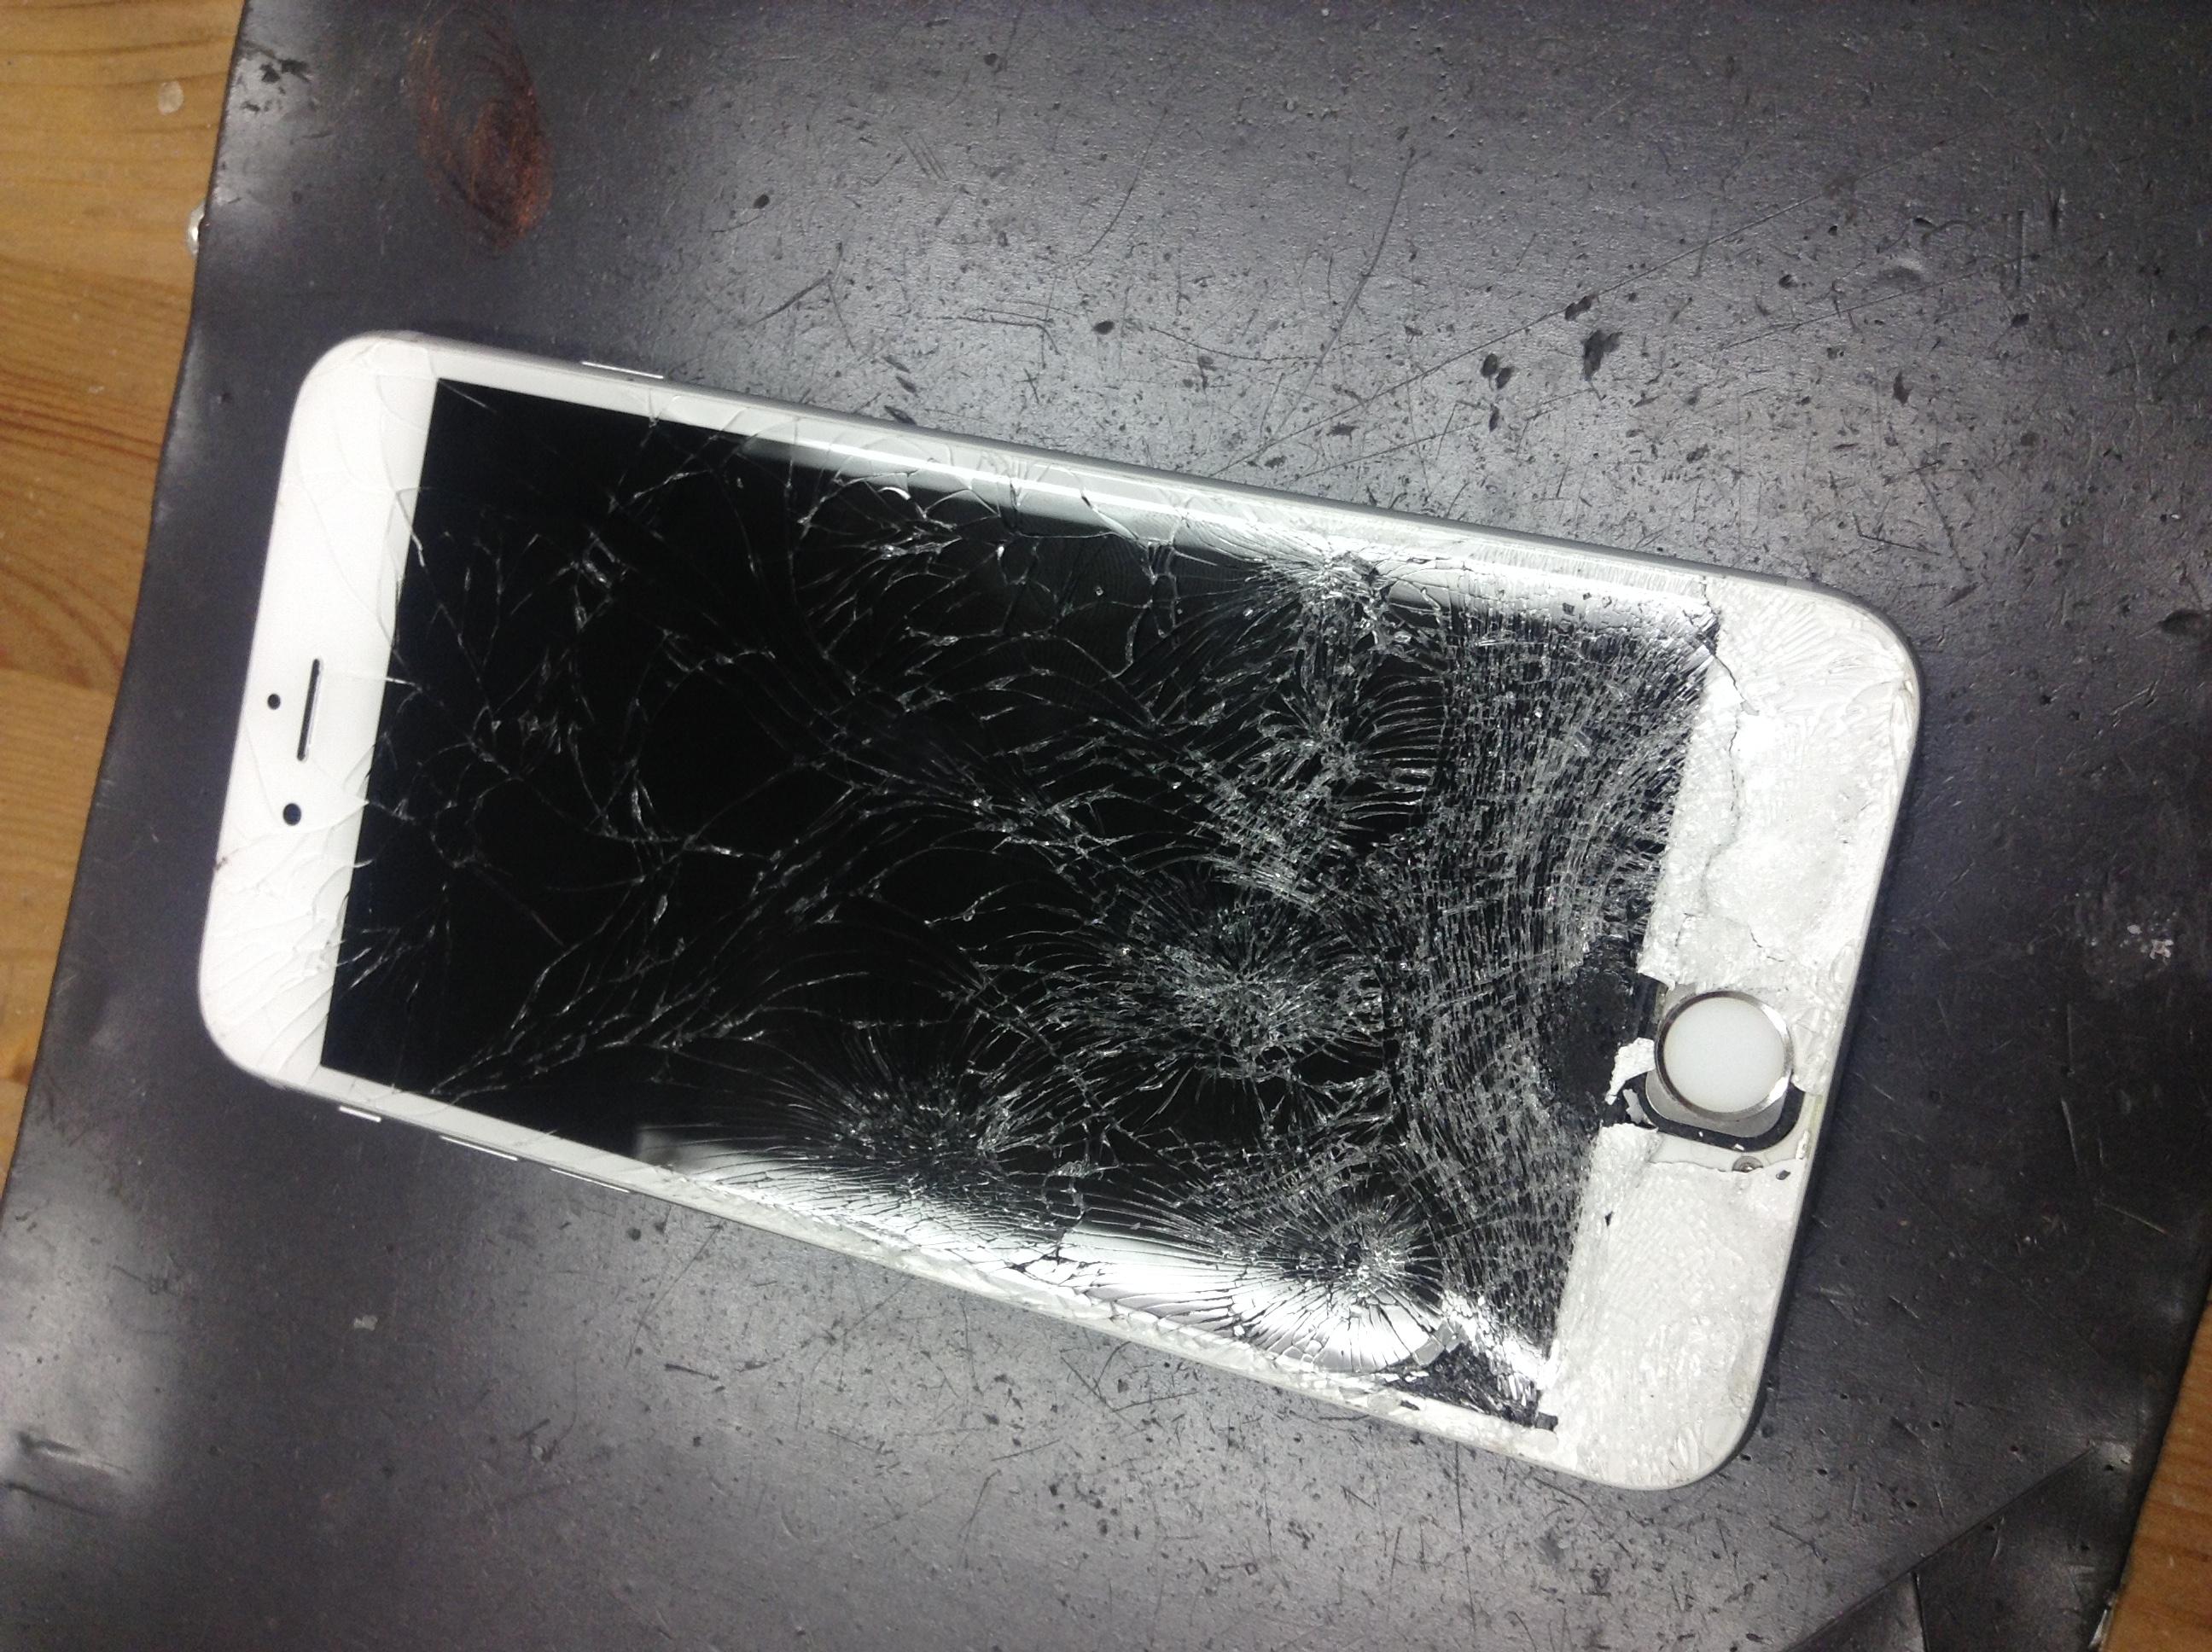 修理前:バキバキになってしまったiPhone6sの画面交換修理をしました♪